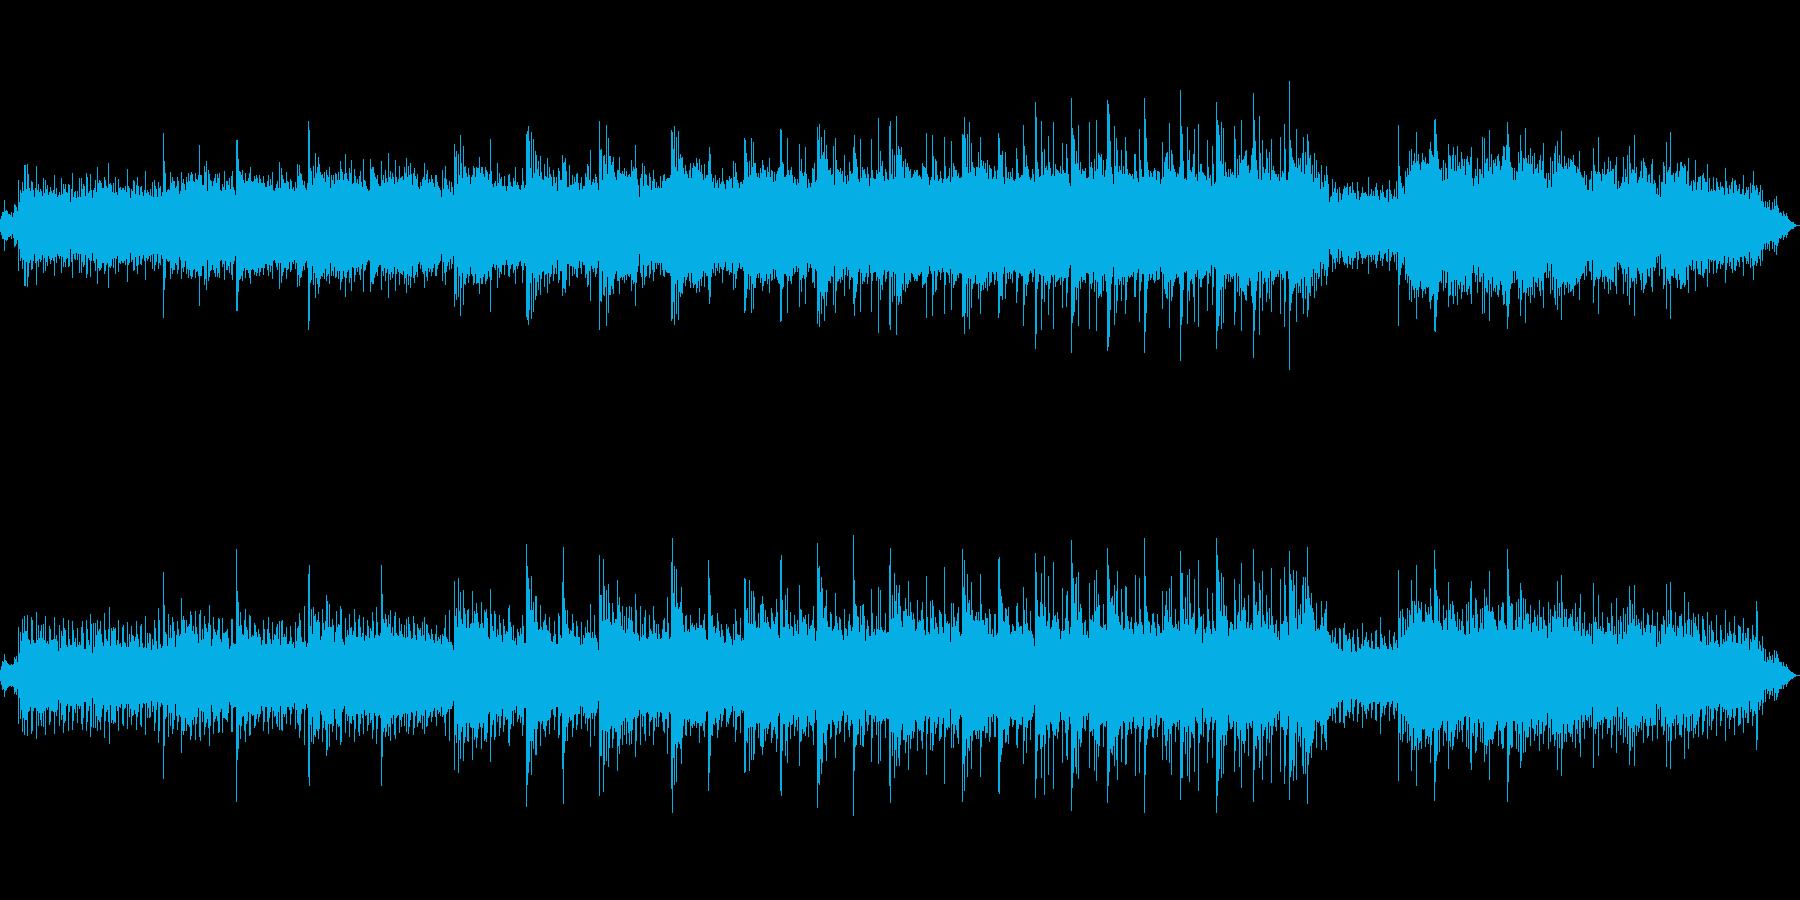 ピアノと水音によるヒーリングミュージックの再生済みの波形